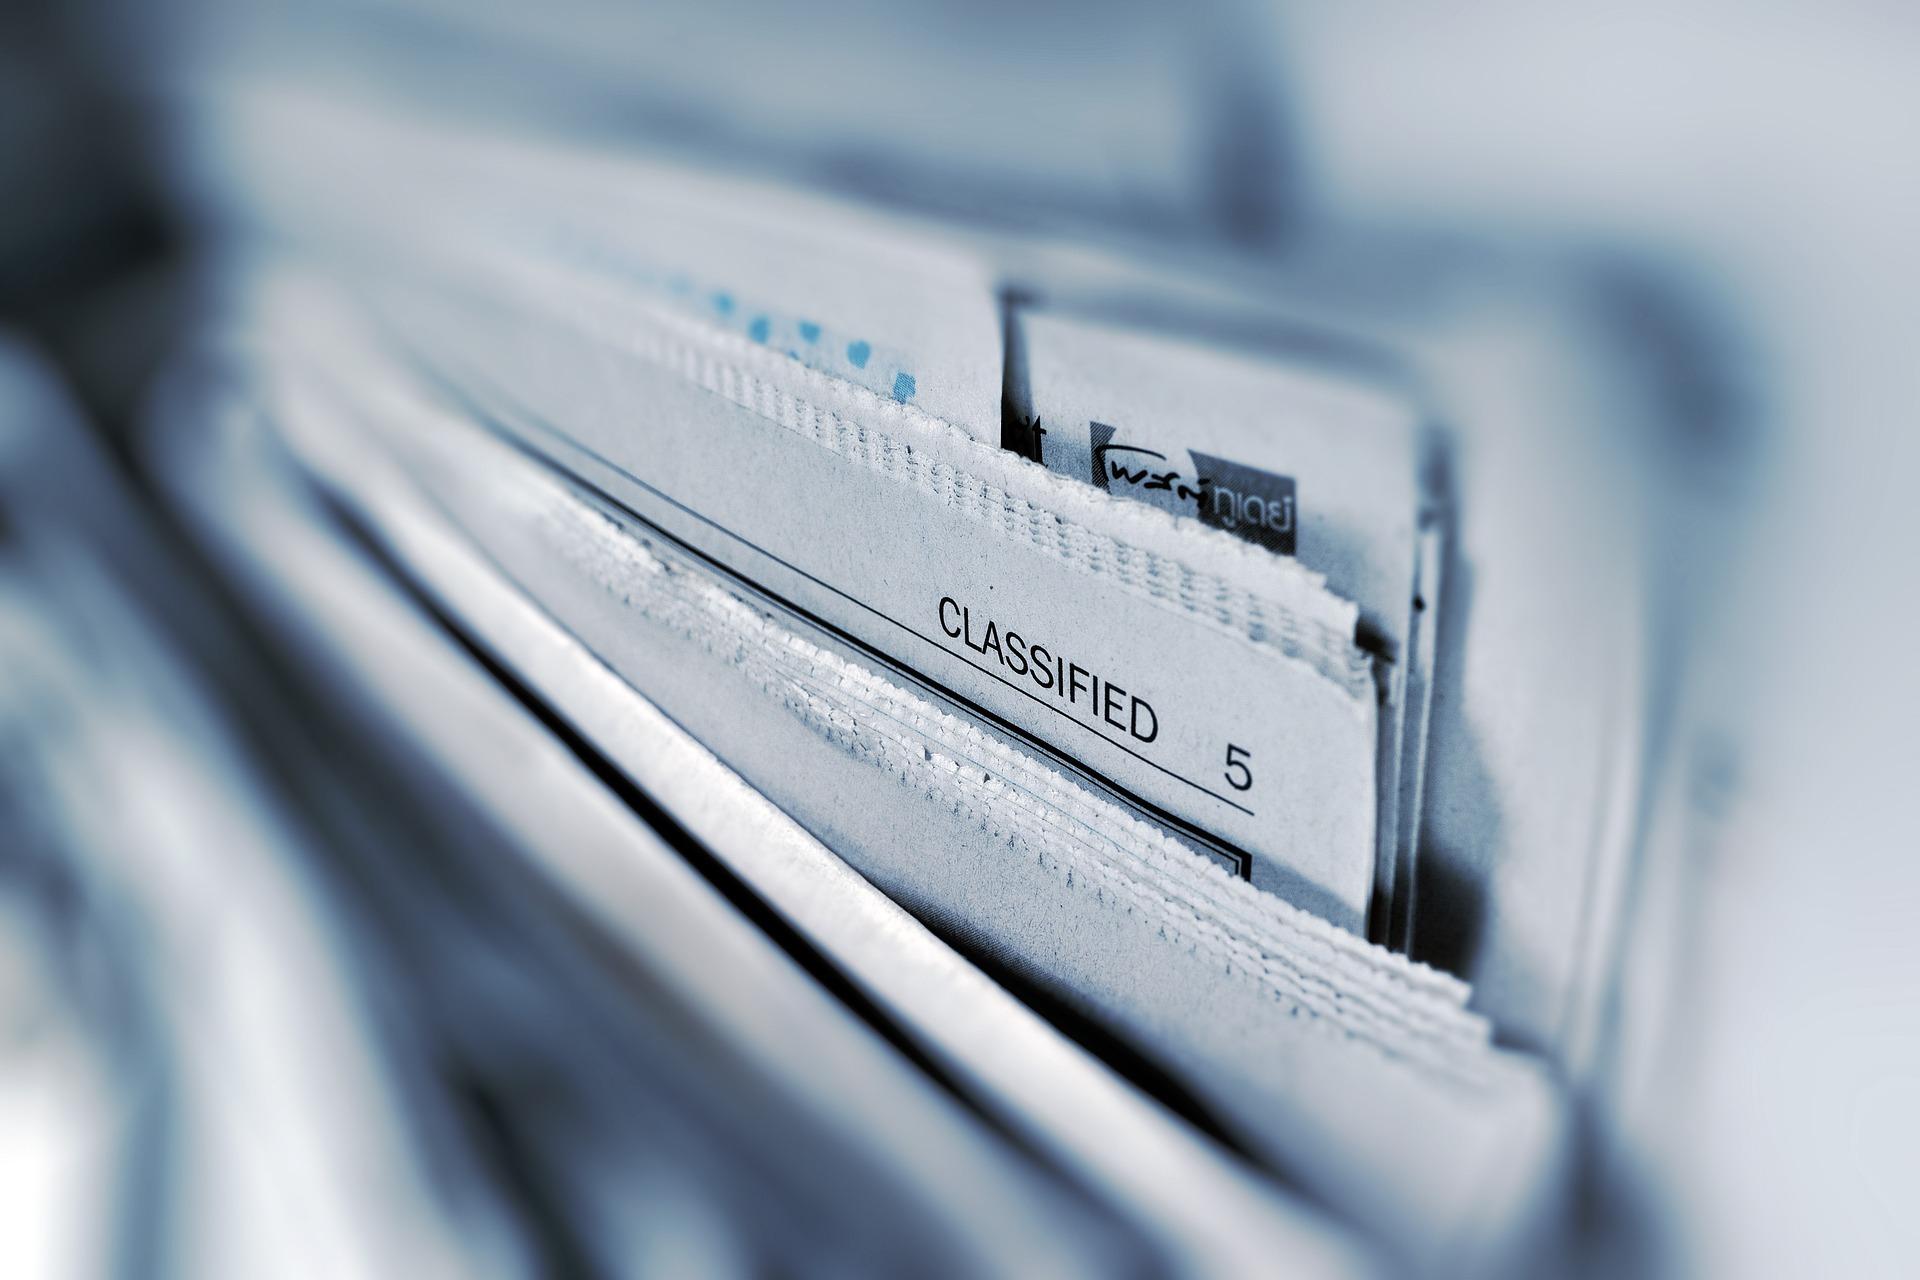 IMAGEM: Exclusivo: Banco do Brasil impõe sigilo sobre venda de carteira ao BTG